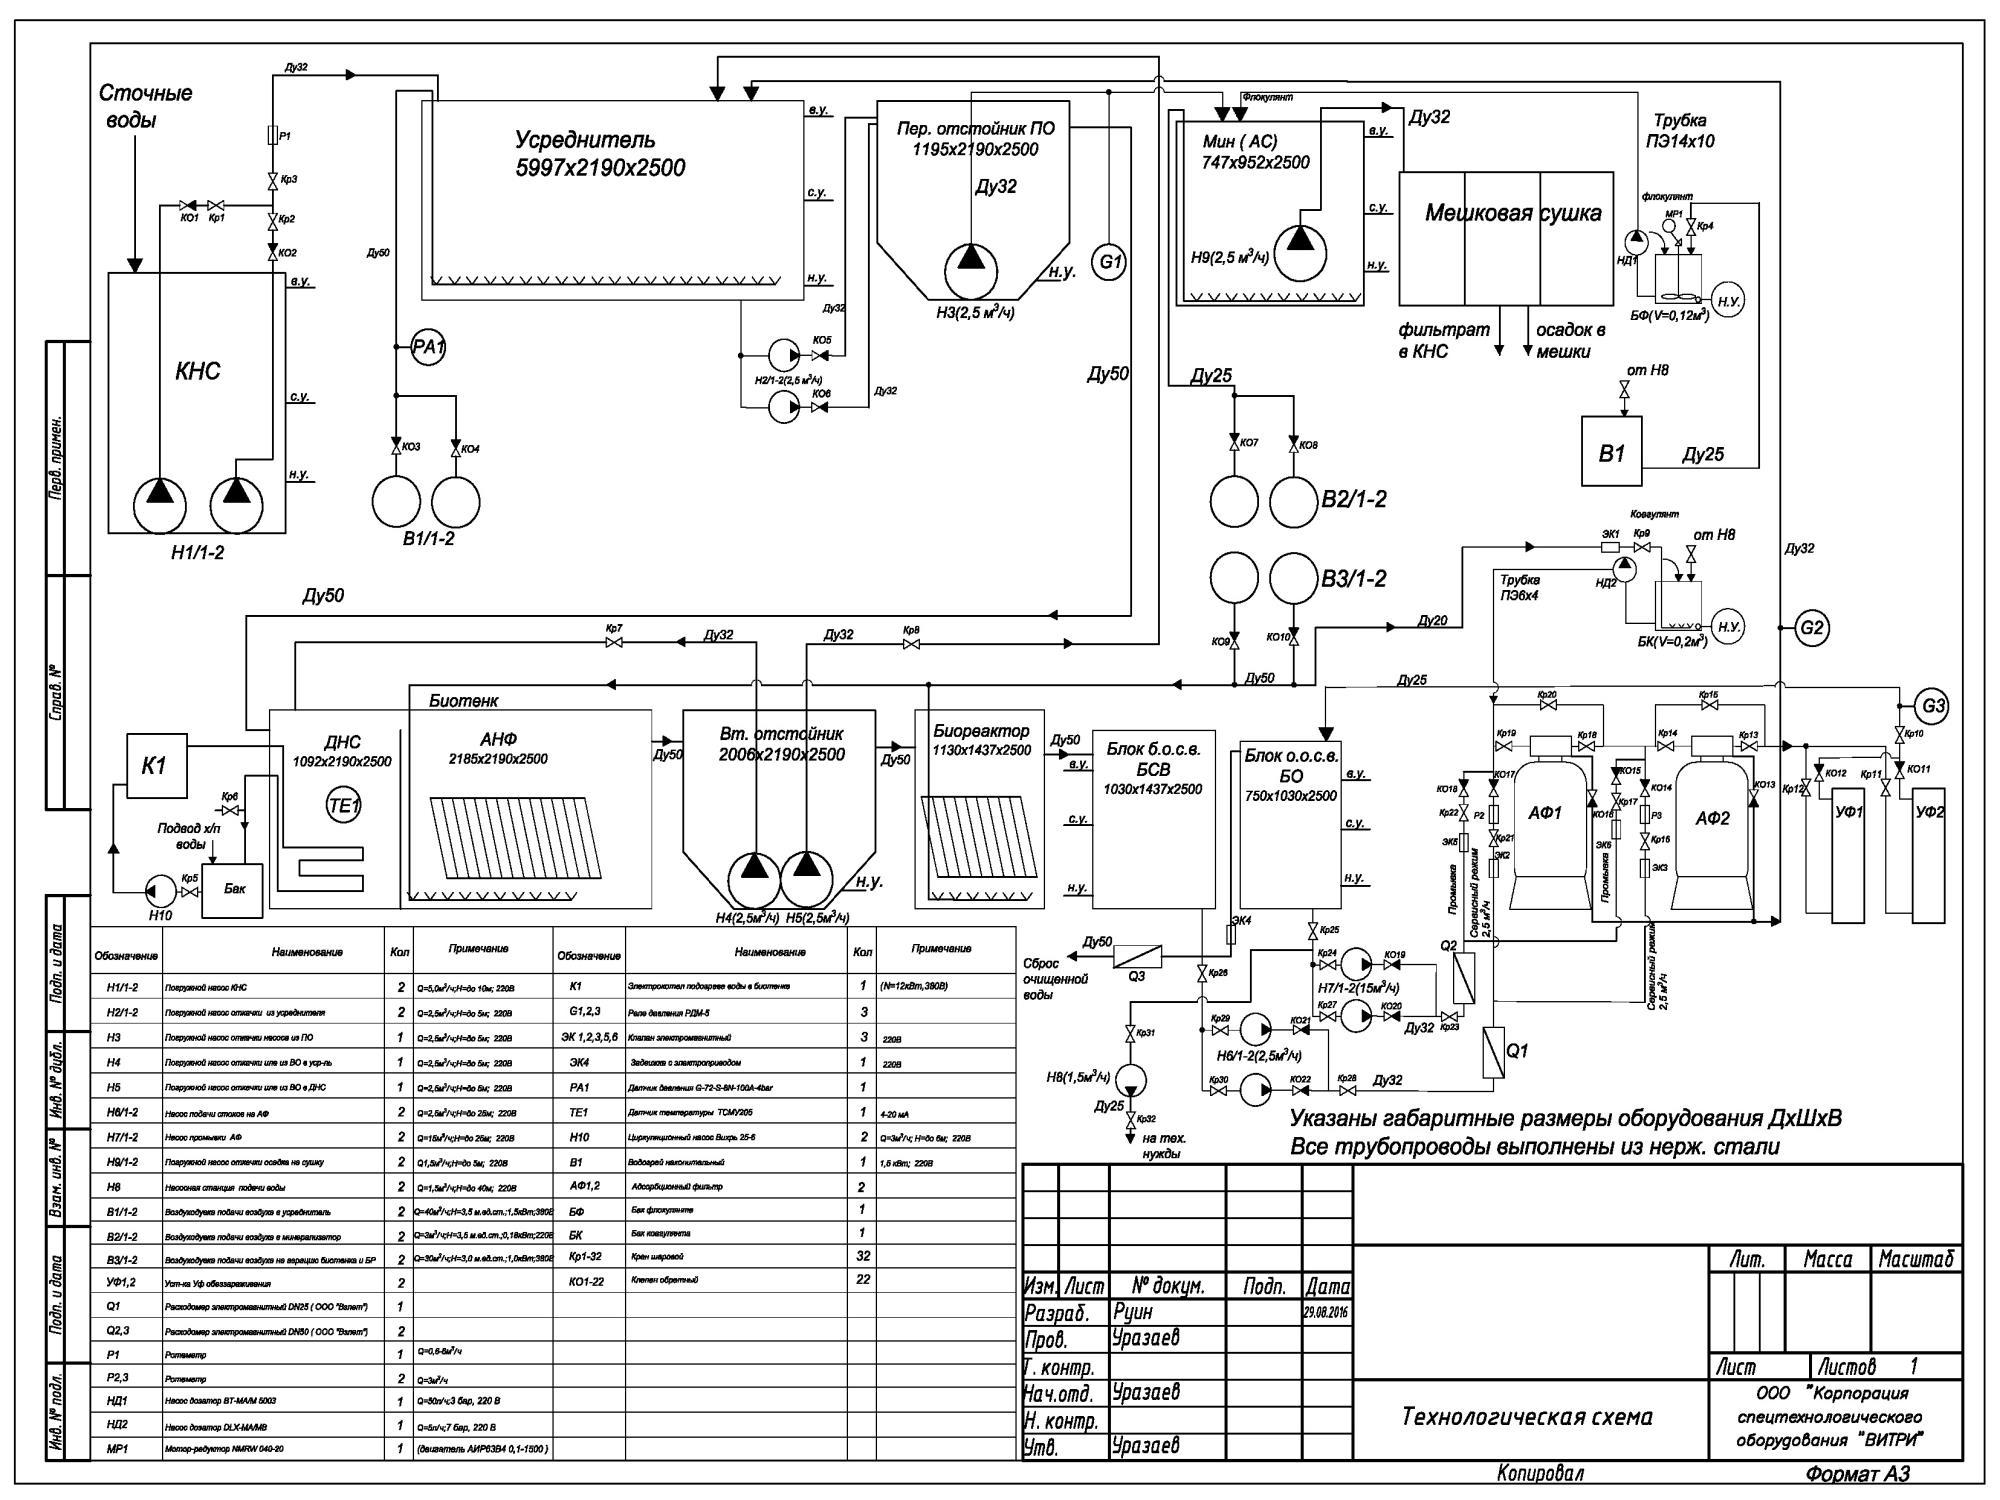 Модуль 55 м3/сут